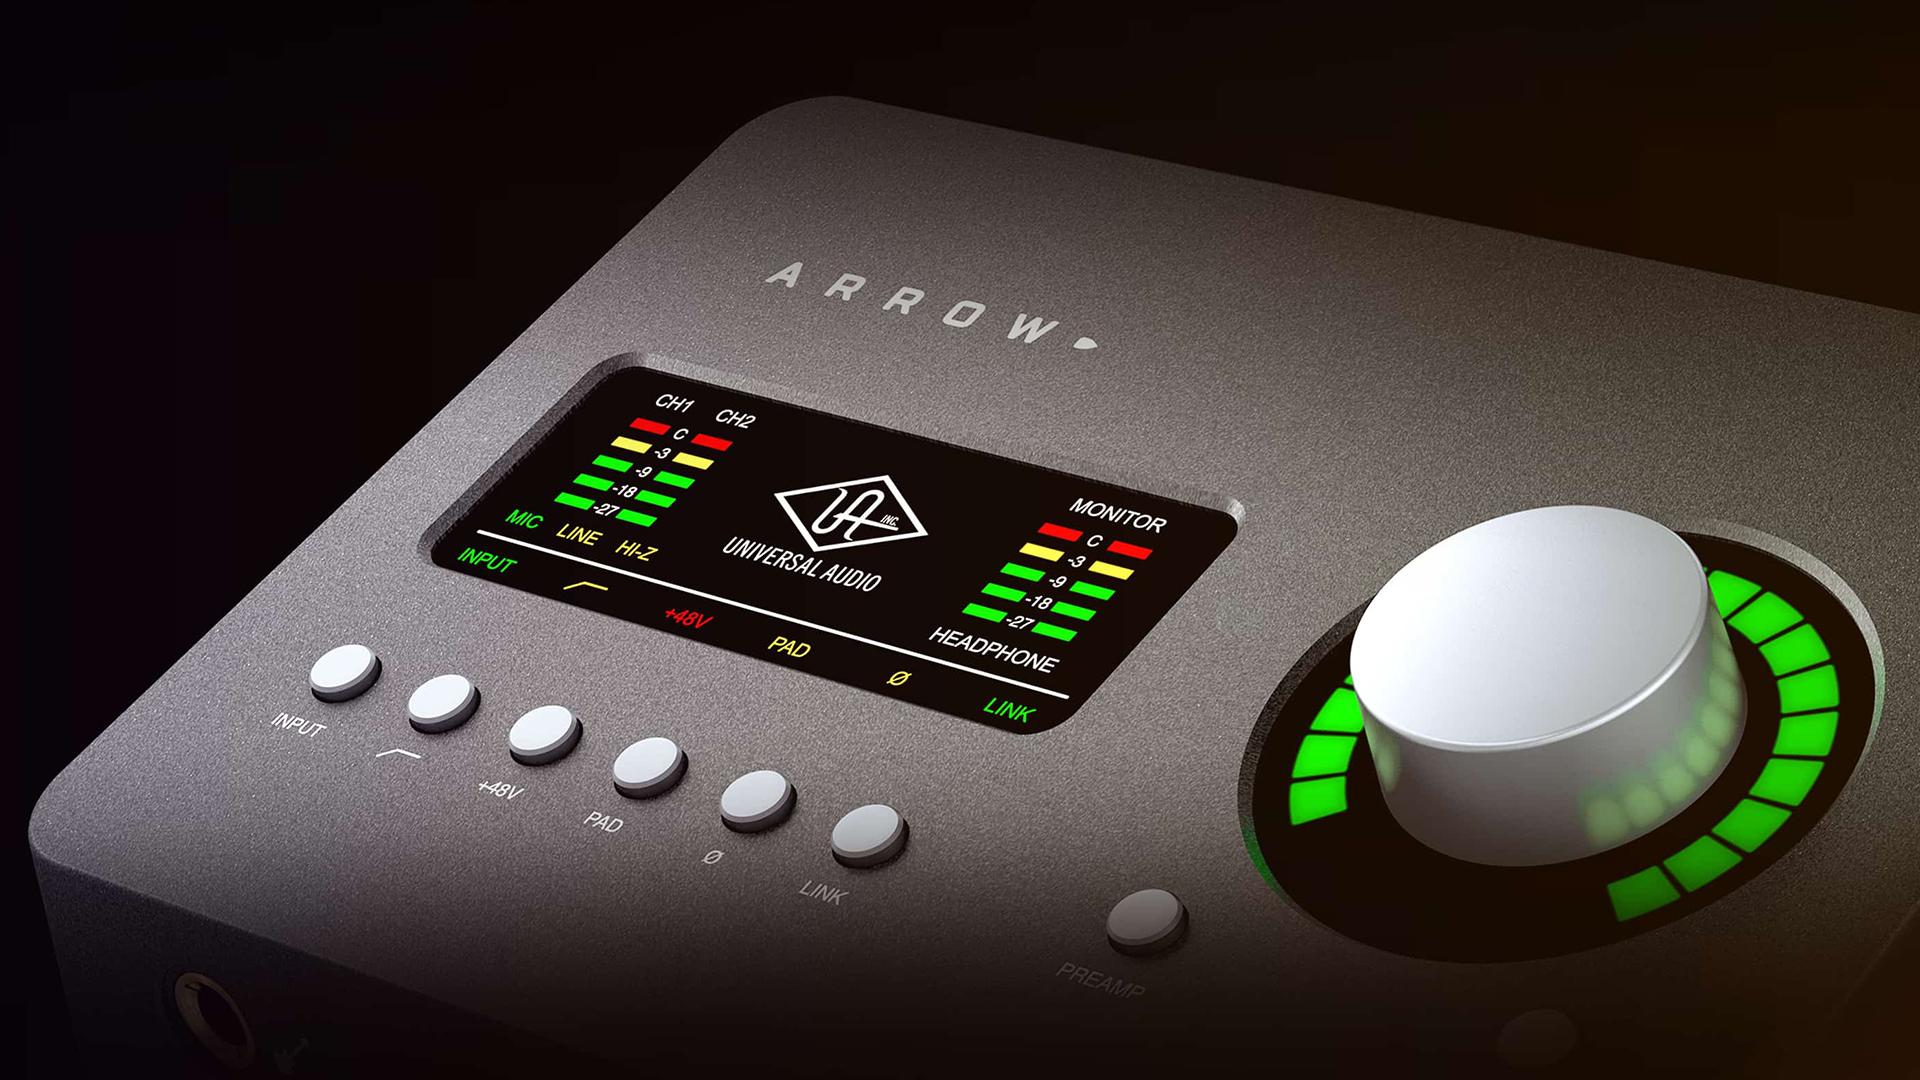 Univeral AudioがArrowを発売 -モバイル使用に最適なオーディオレコーディングツール